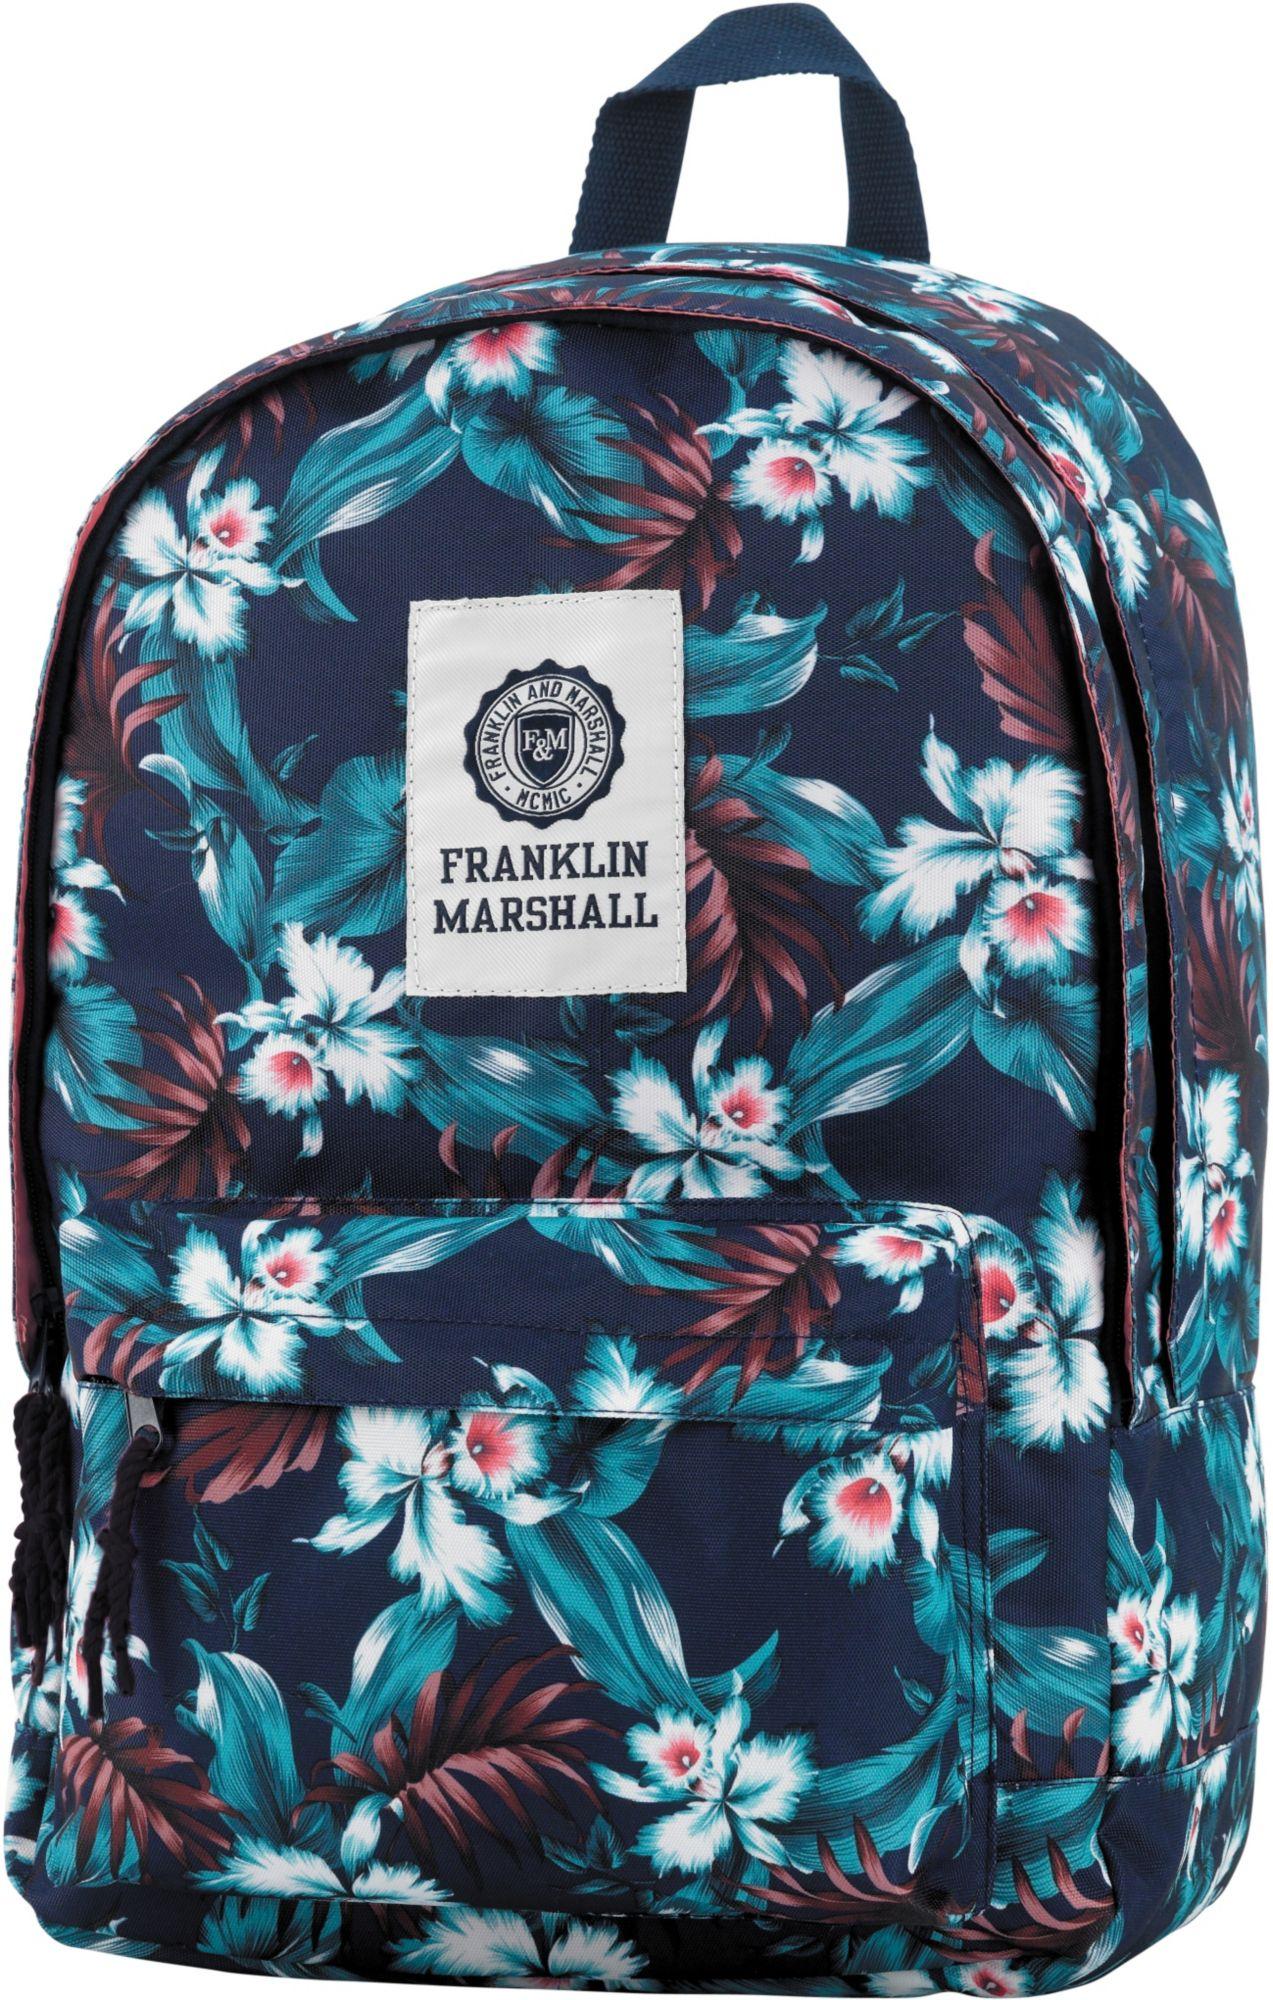 FRANKLIN MARSHALL Franklin & Marshall, Rucksack mit gummiertem Bodenschutz, »Girls Schulrucksack blumen«